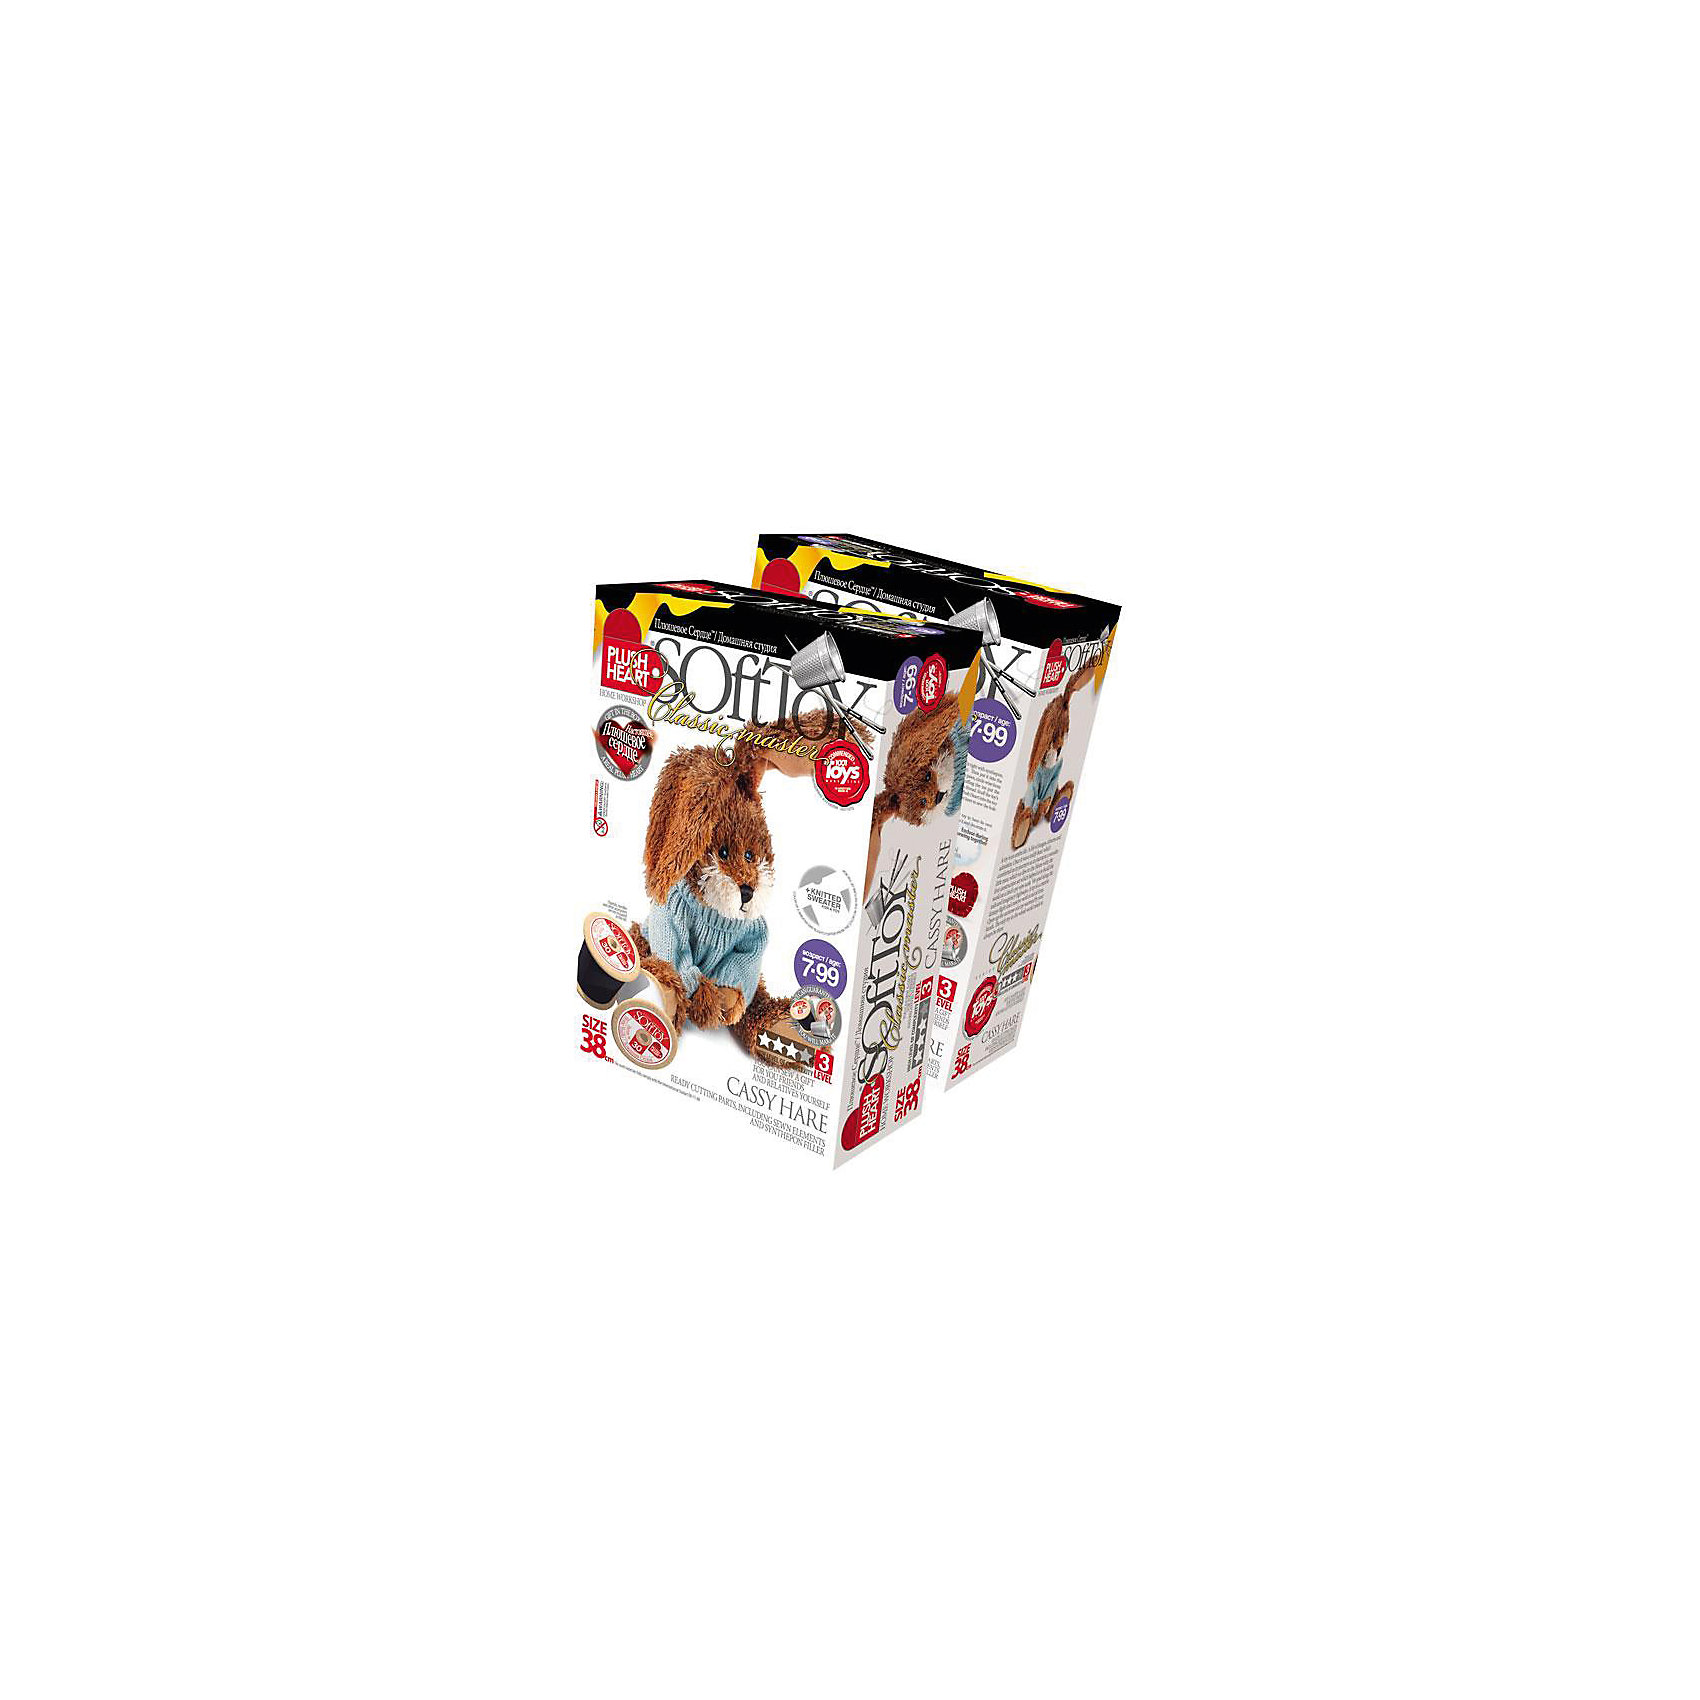 Набор Заяц Касси, Plush HeartШитьё<br>С помощью Набора Заяц Касси, Plush Heart (Плюшевое сердце) Ваш ребенок сможет сшить великолепную мягкую игрушку. В комплект набора, кроме необходимых аксессуаров, чертежей выкройки и заготовок, входит маленькое плюшевое сердечко, которое вкладывается внутрь мягкой игрушки. Вкладывая плюшевое сердце внутрь, Вы словно одушевляете сшитую своими руками мягкую игрушку. Уровень сложности 3 из 4.<br><br>Комплектация: пошитая голова игрушки, детали туловища, вязаный свитерок, синтепоновая набивка, мешочек с полимерными гранулами, нитки, плюшевое сердце<br><br>Дополнительная информация:<br>-Вес в упаковке: 310 г <br>-Размеры в упаковке: 280х190х90 мм<br>-Материалы: синтепон, полимерные гранулы, плюш, текстиль<br>-Размер готовой игрушки: 380 мм<br><br>Набор Заяц Касси станет отличным подарком как для юных мастеров и мастериц, ведь пушистый и добрый зайчонок, сшитый своими руками, будет верным другом для своих хозяев!<br><br>Набор Заяц Касси, Plush Heart (Плюшевое сердце) можно купить в нашем магазине.<br><br>Ширина мм: 280<br>Глубина мм: 190<br>Высота мм: 90<br>Вес г: 310<br>Возраст от месяцев: 84<br>Возраст до месяцев: 144<br>Пол: Женский<br>Возраст: Детский<br>SKU: 4051627